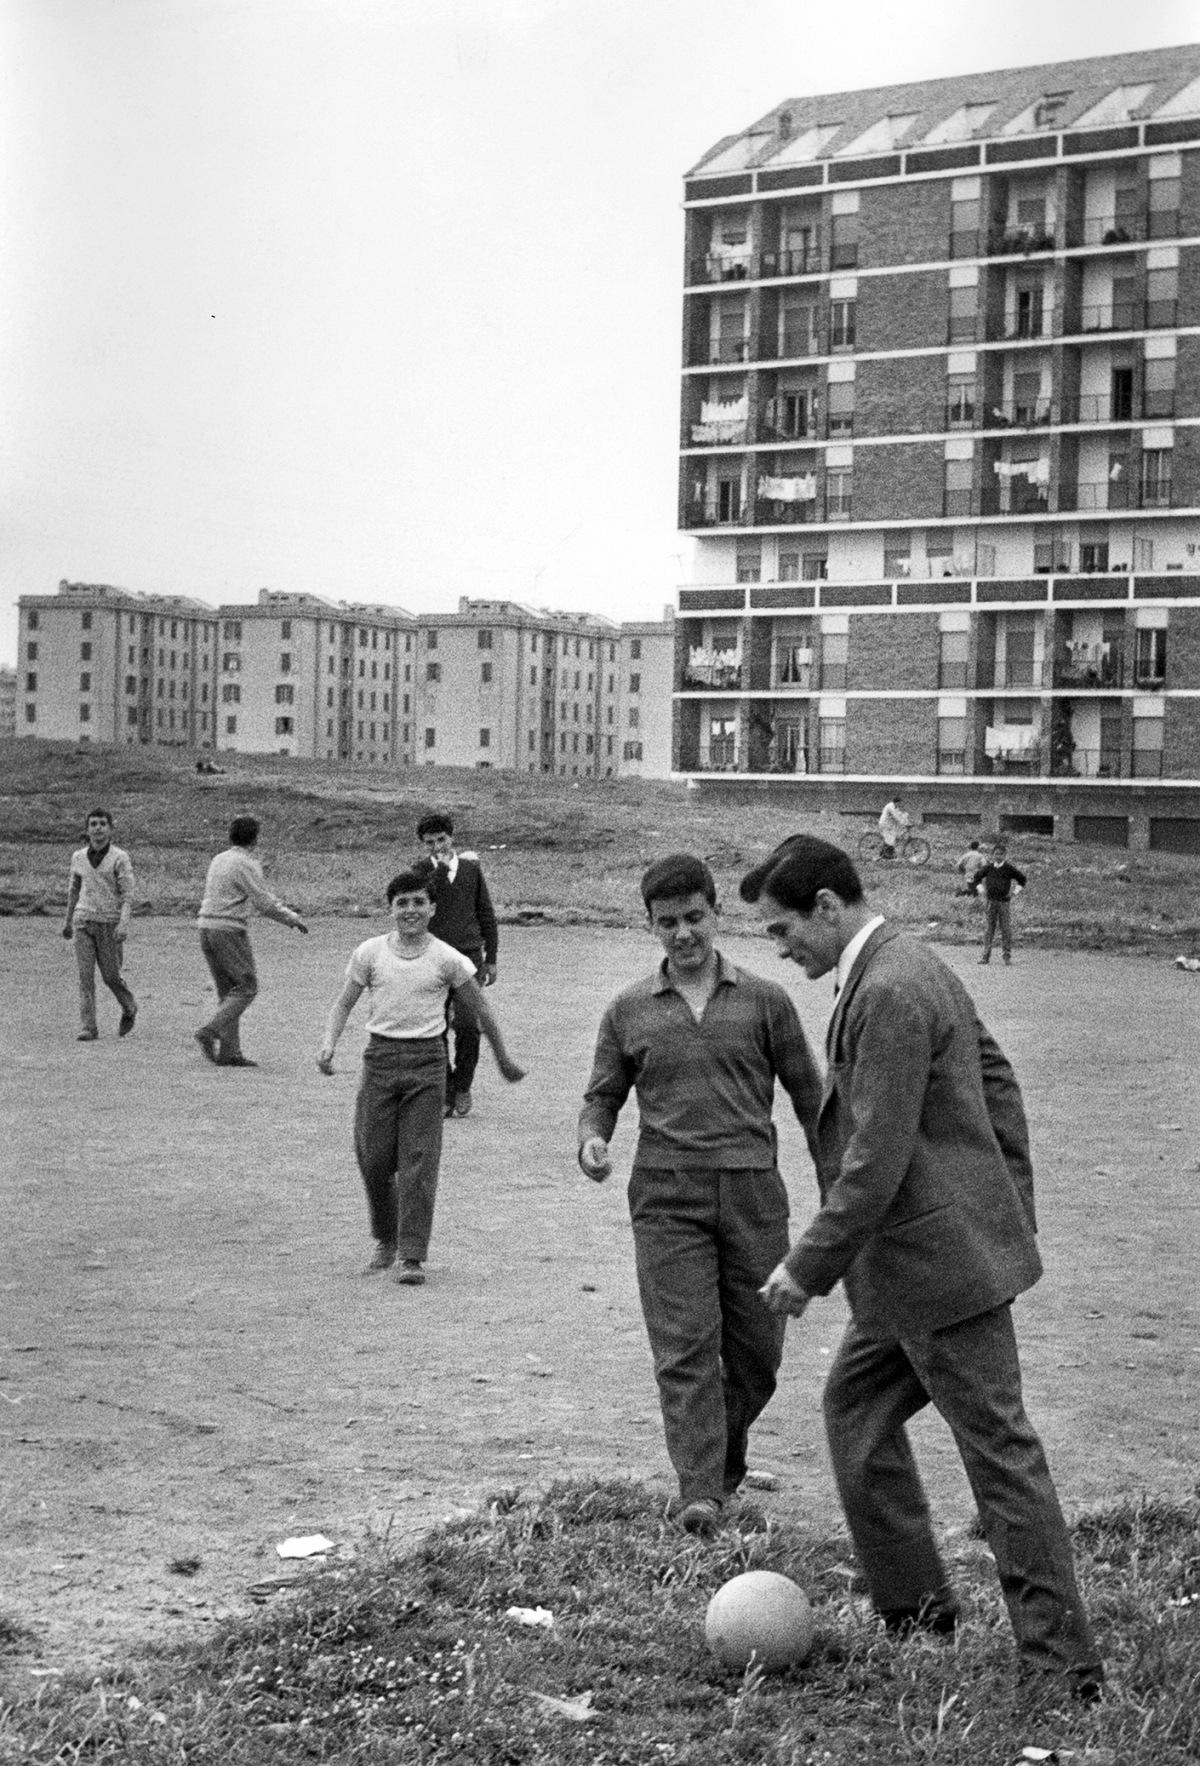 Pier Paolo Pasolini a Centocelle nella periferia di Roma, 1960, dal volume La storia d'Italia in 100 foto. © Luigi Leoni.